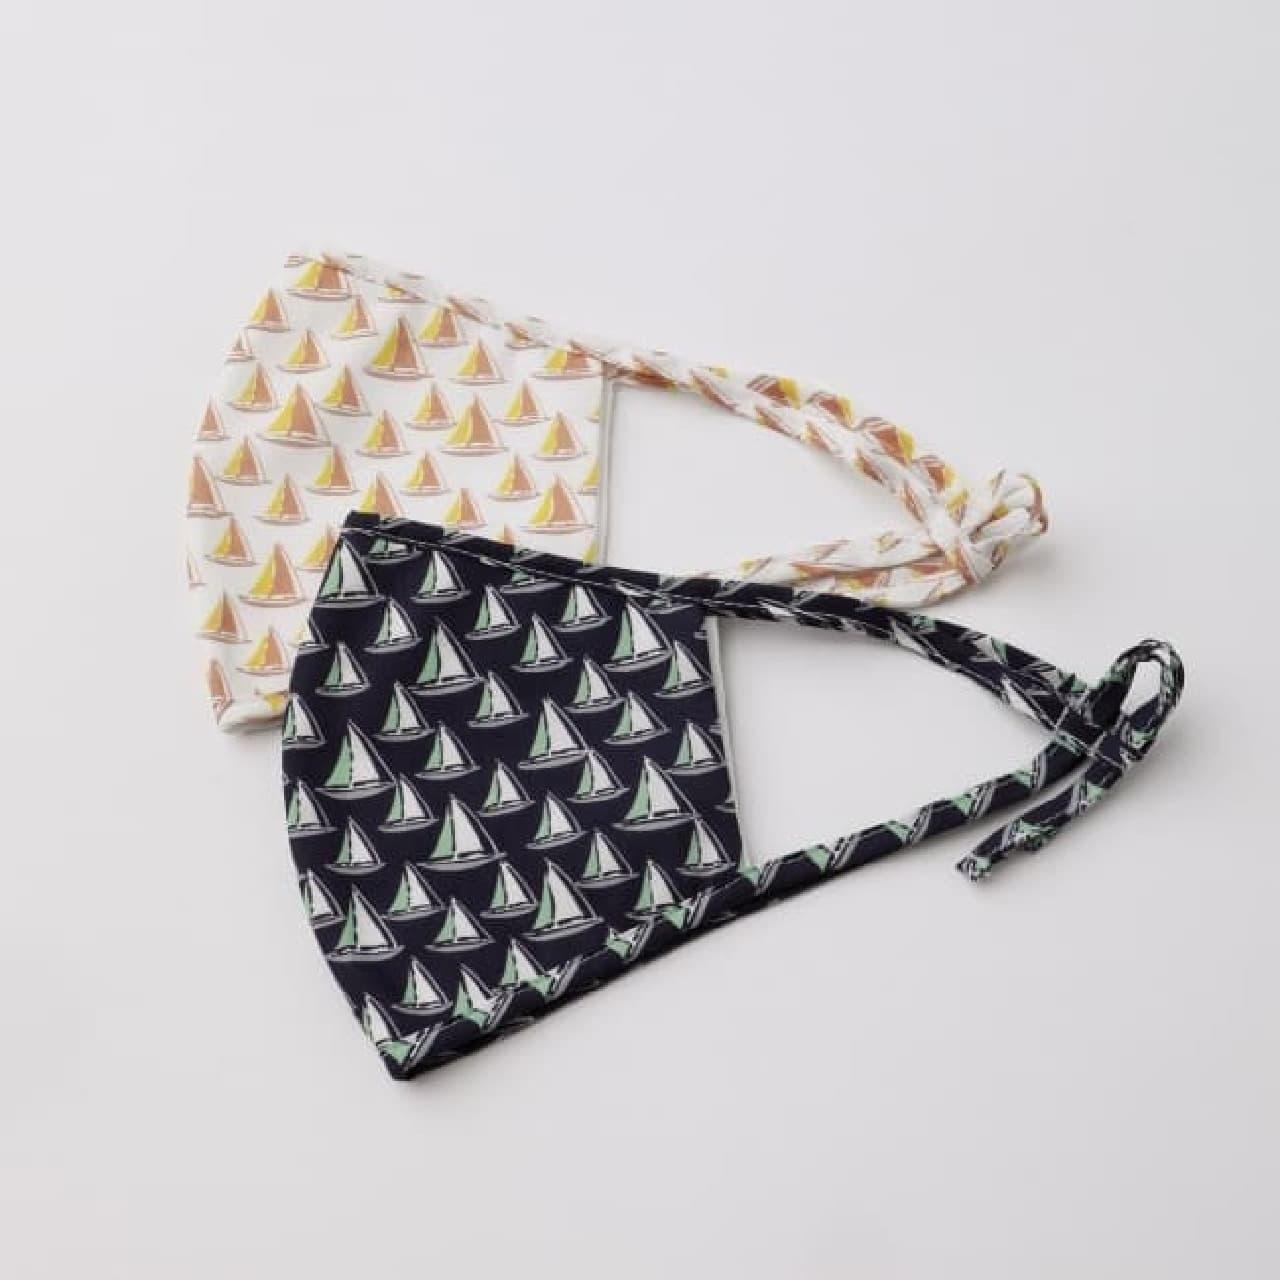 三陽商会からオリジナル布製マスク商品の第2弾